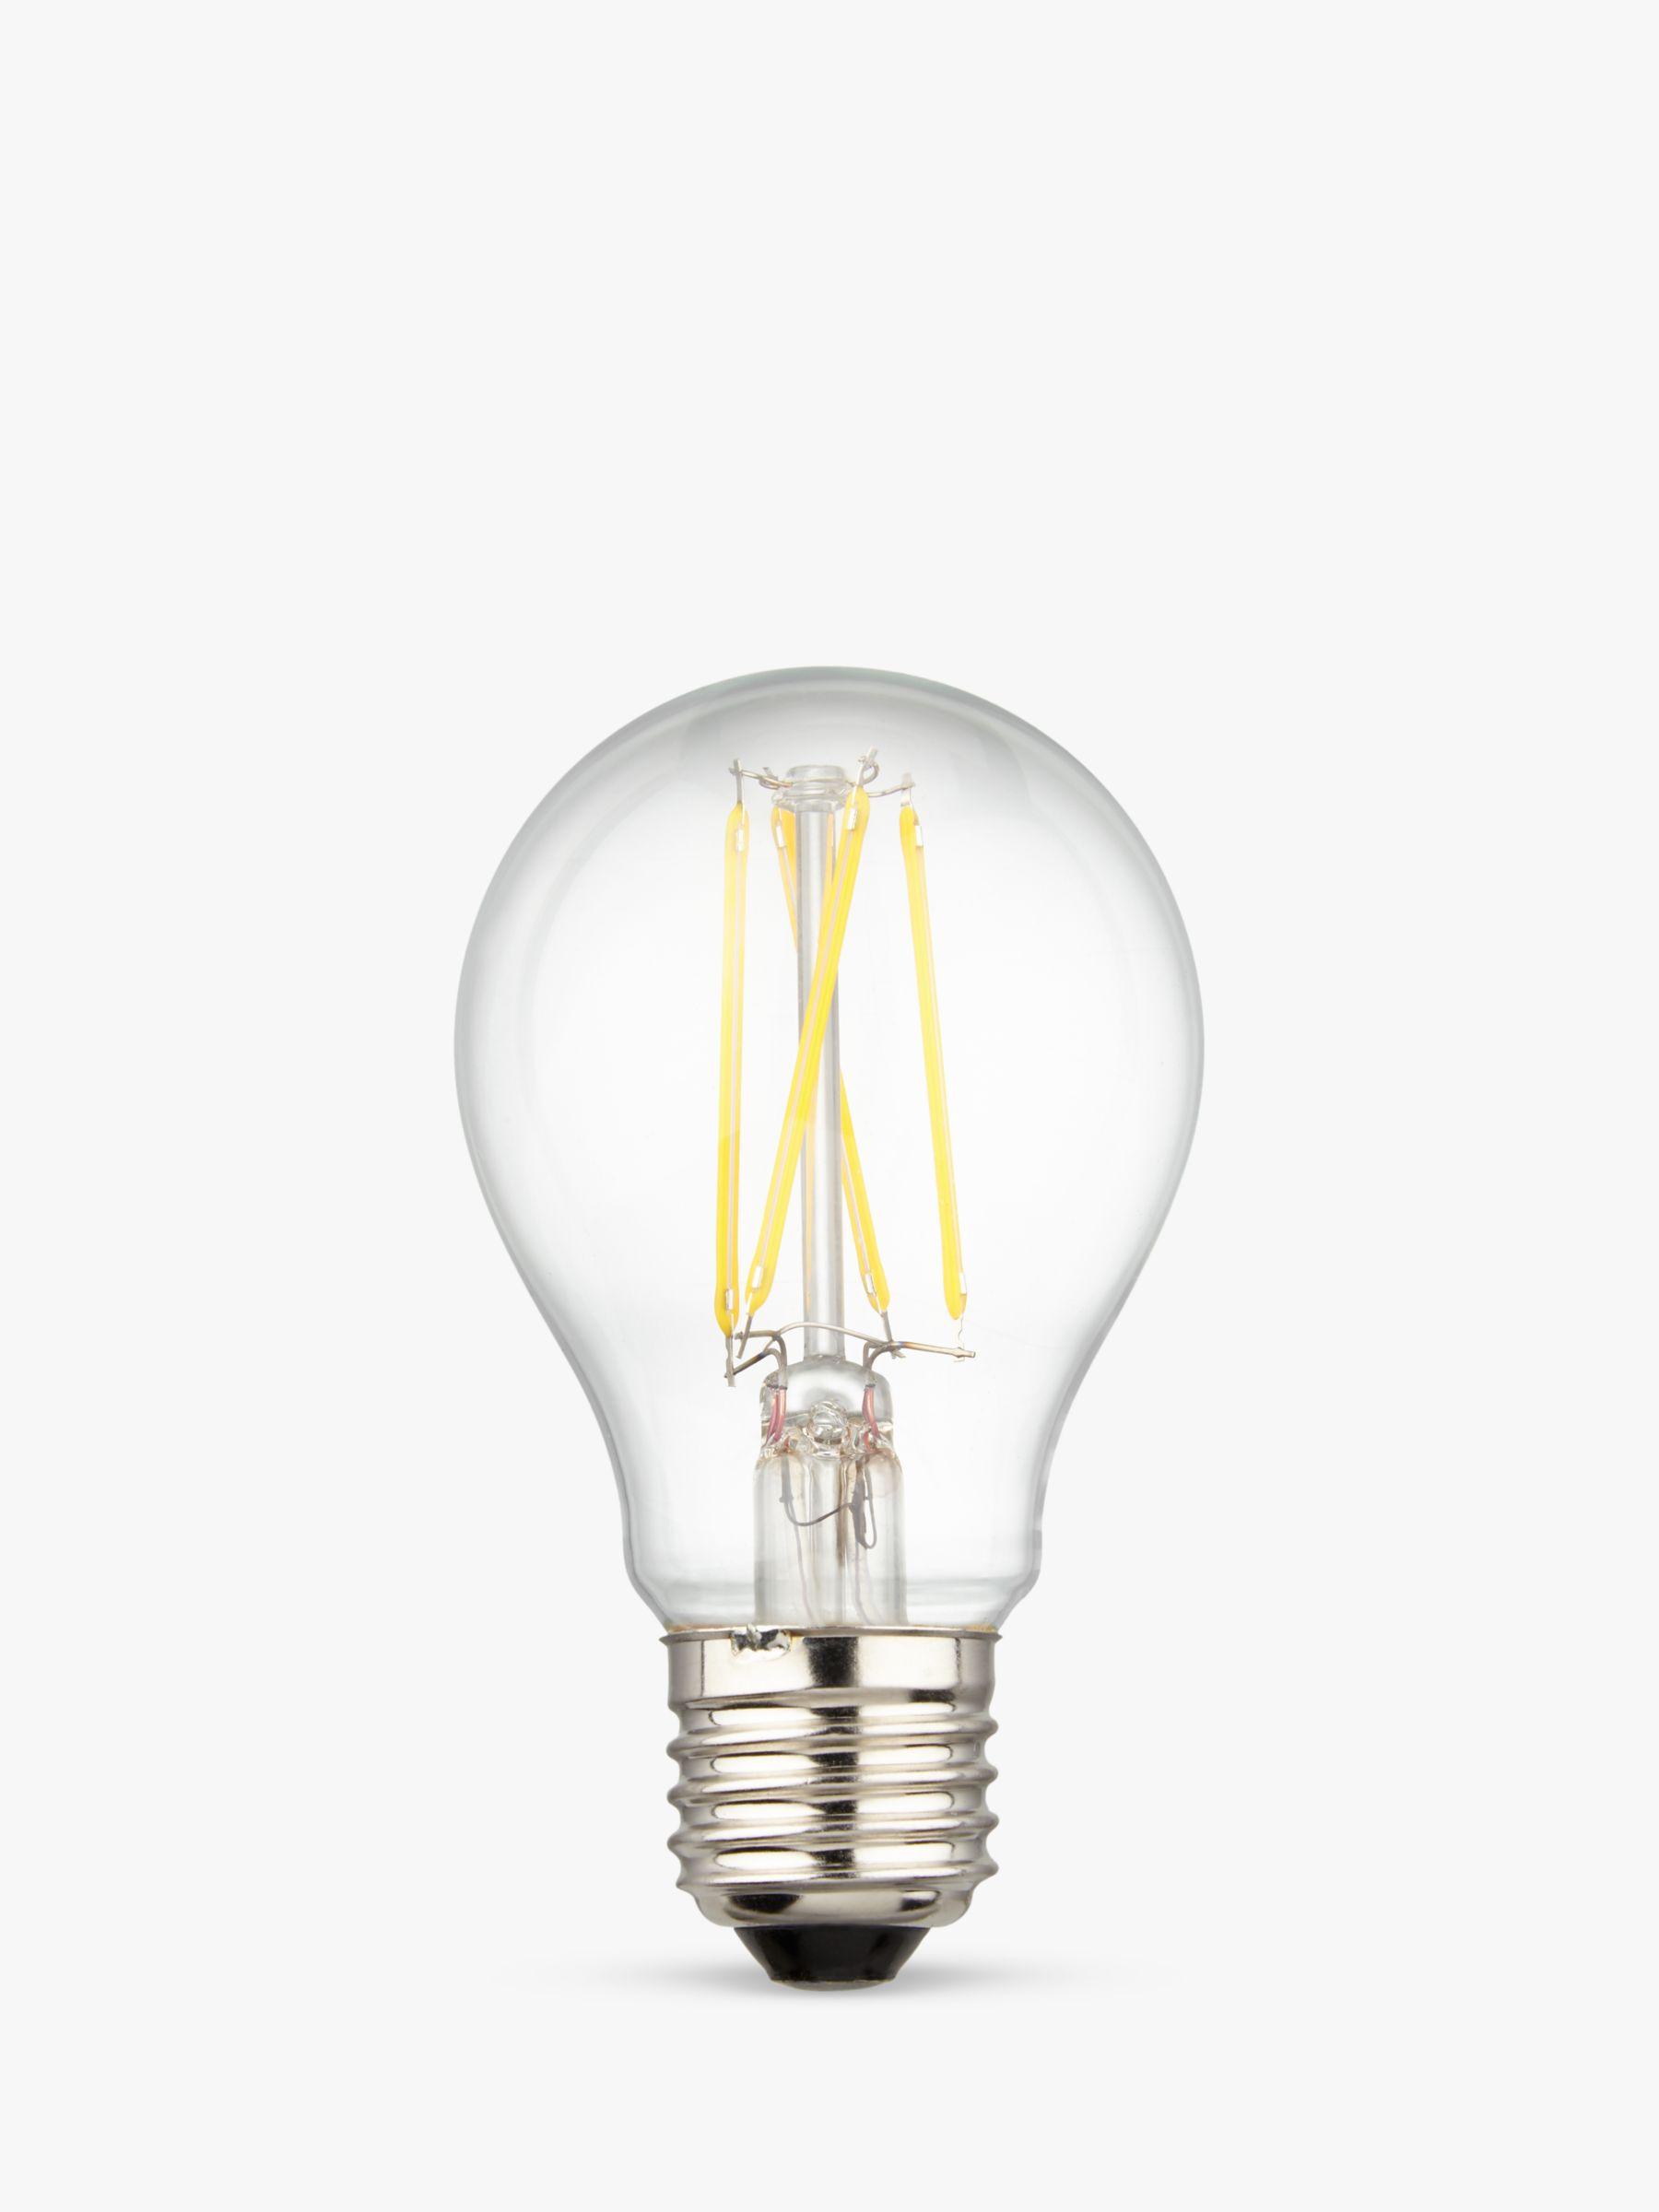 Calex Calex 7W ES LED Filament Classic Bulb, Clear